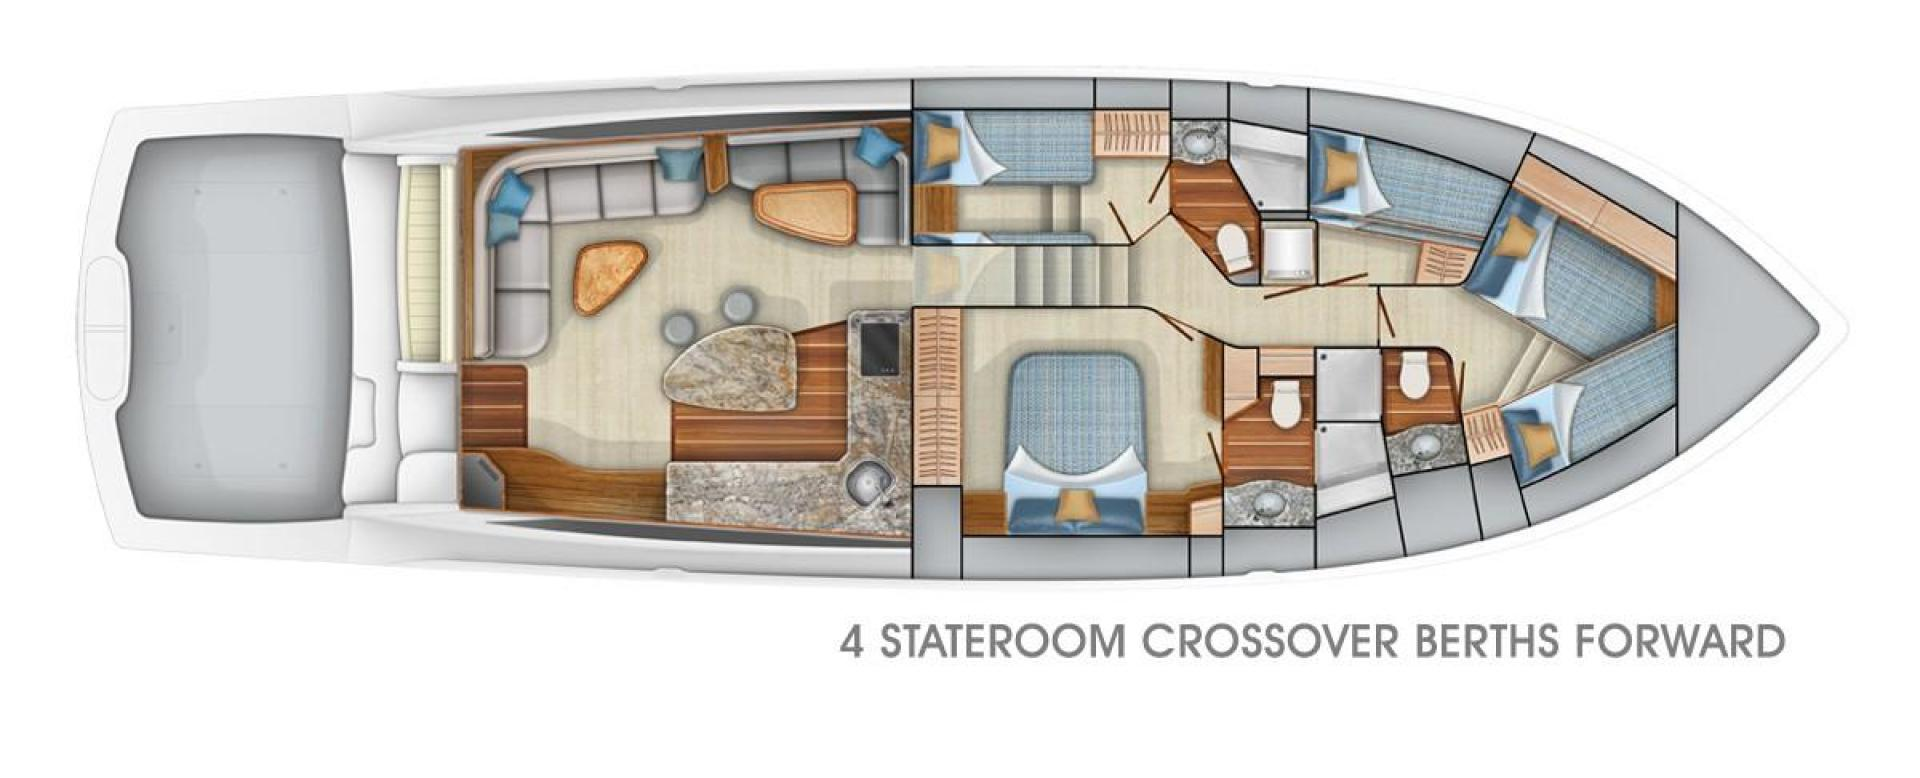 Viking 62 - Option #2 4-Stateroom Layout